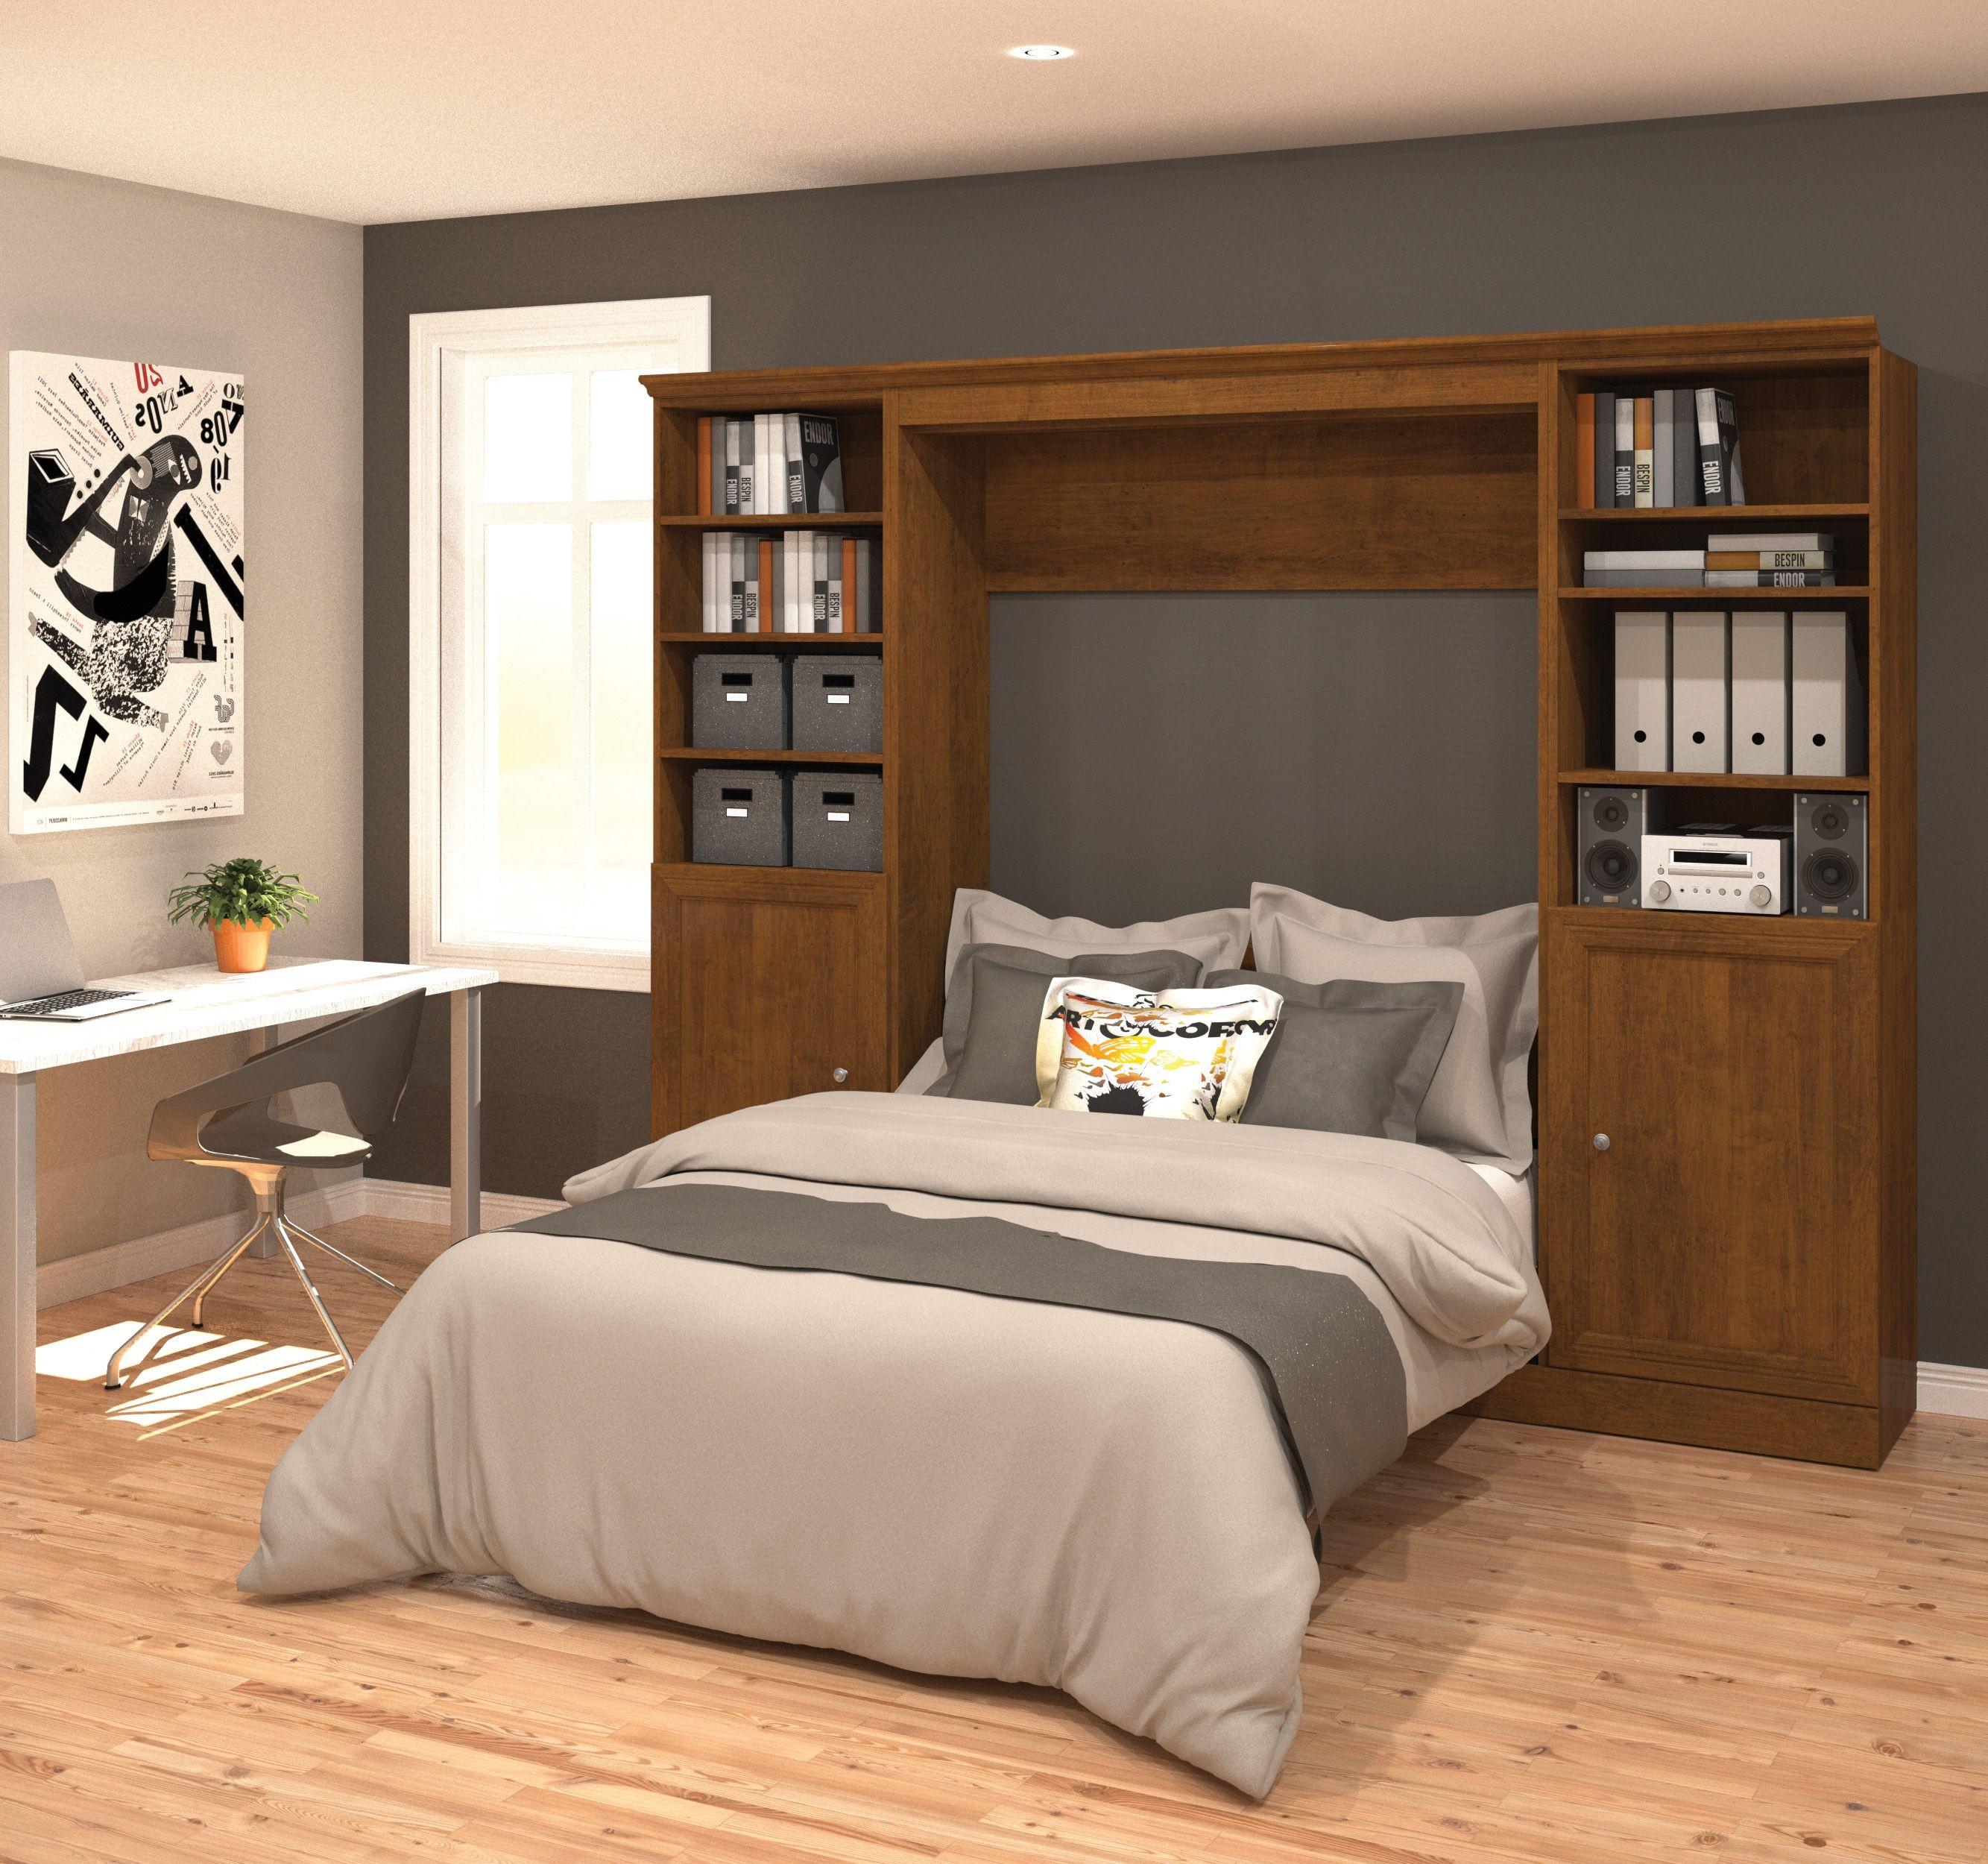 Versatile Chocolate 109 39 39 Door Full Wall Bed From Bestar 40894 63